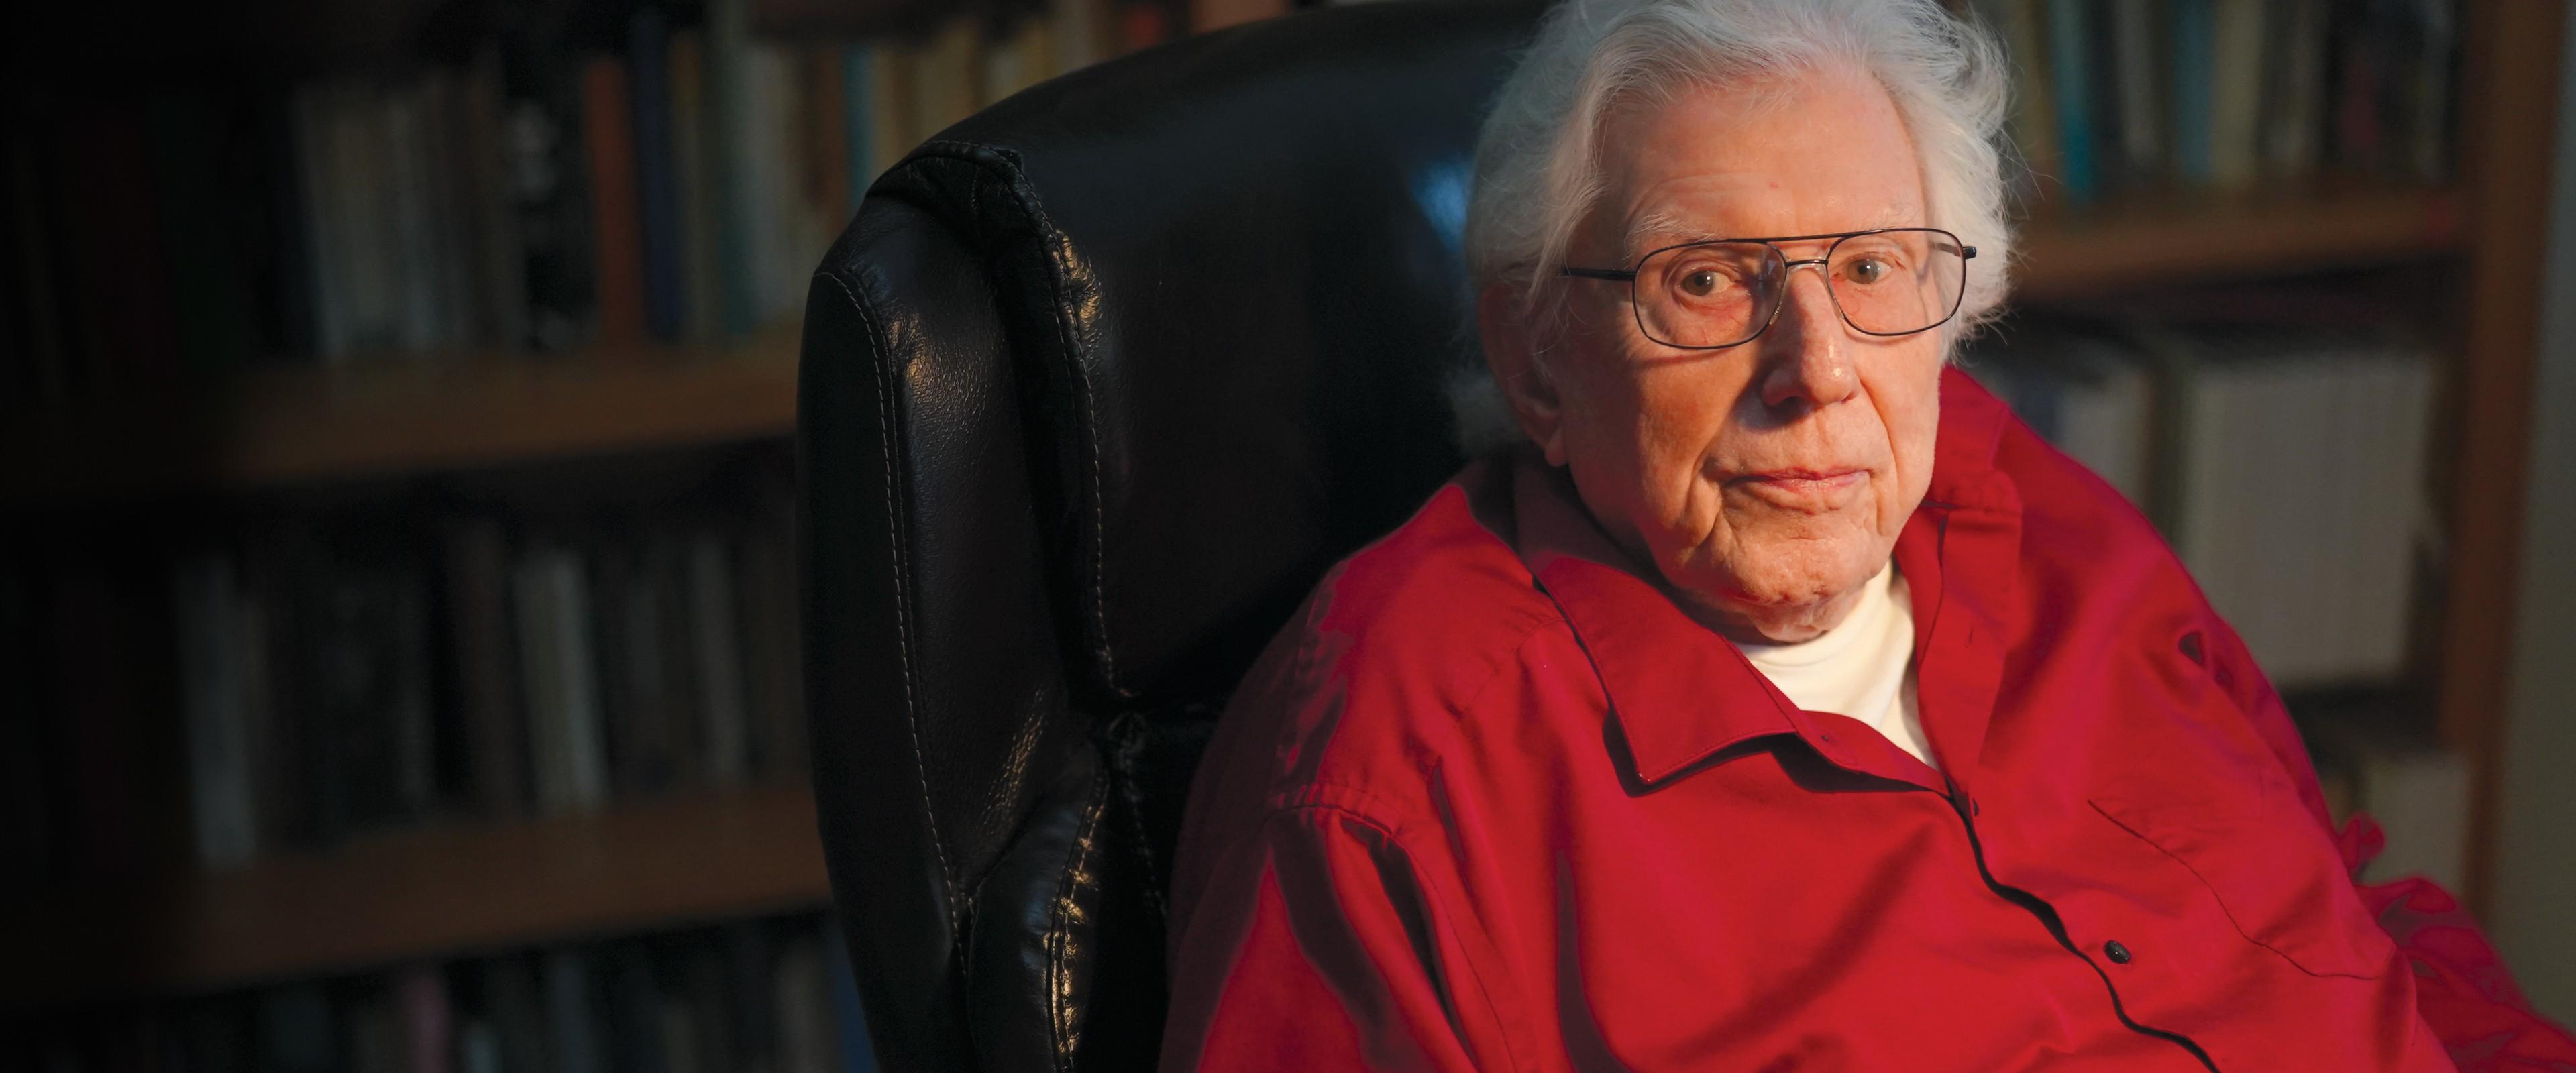 Dr. Rudolf Siebert